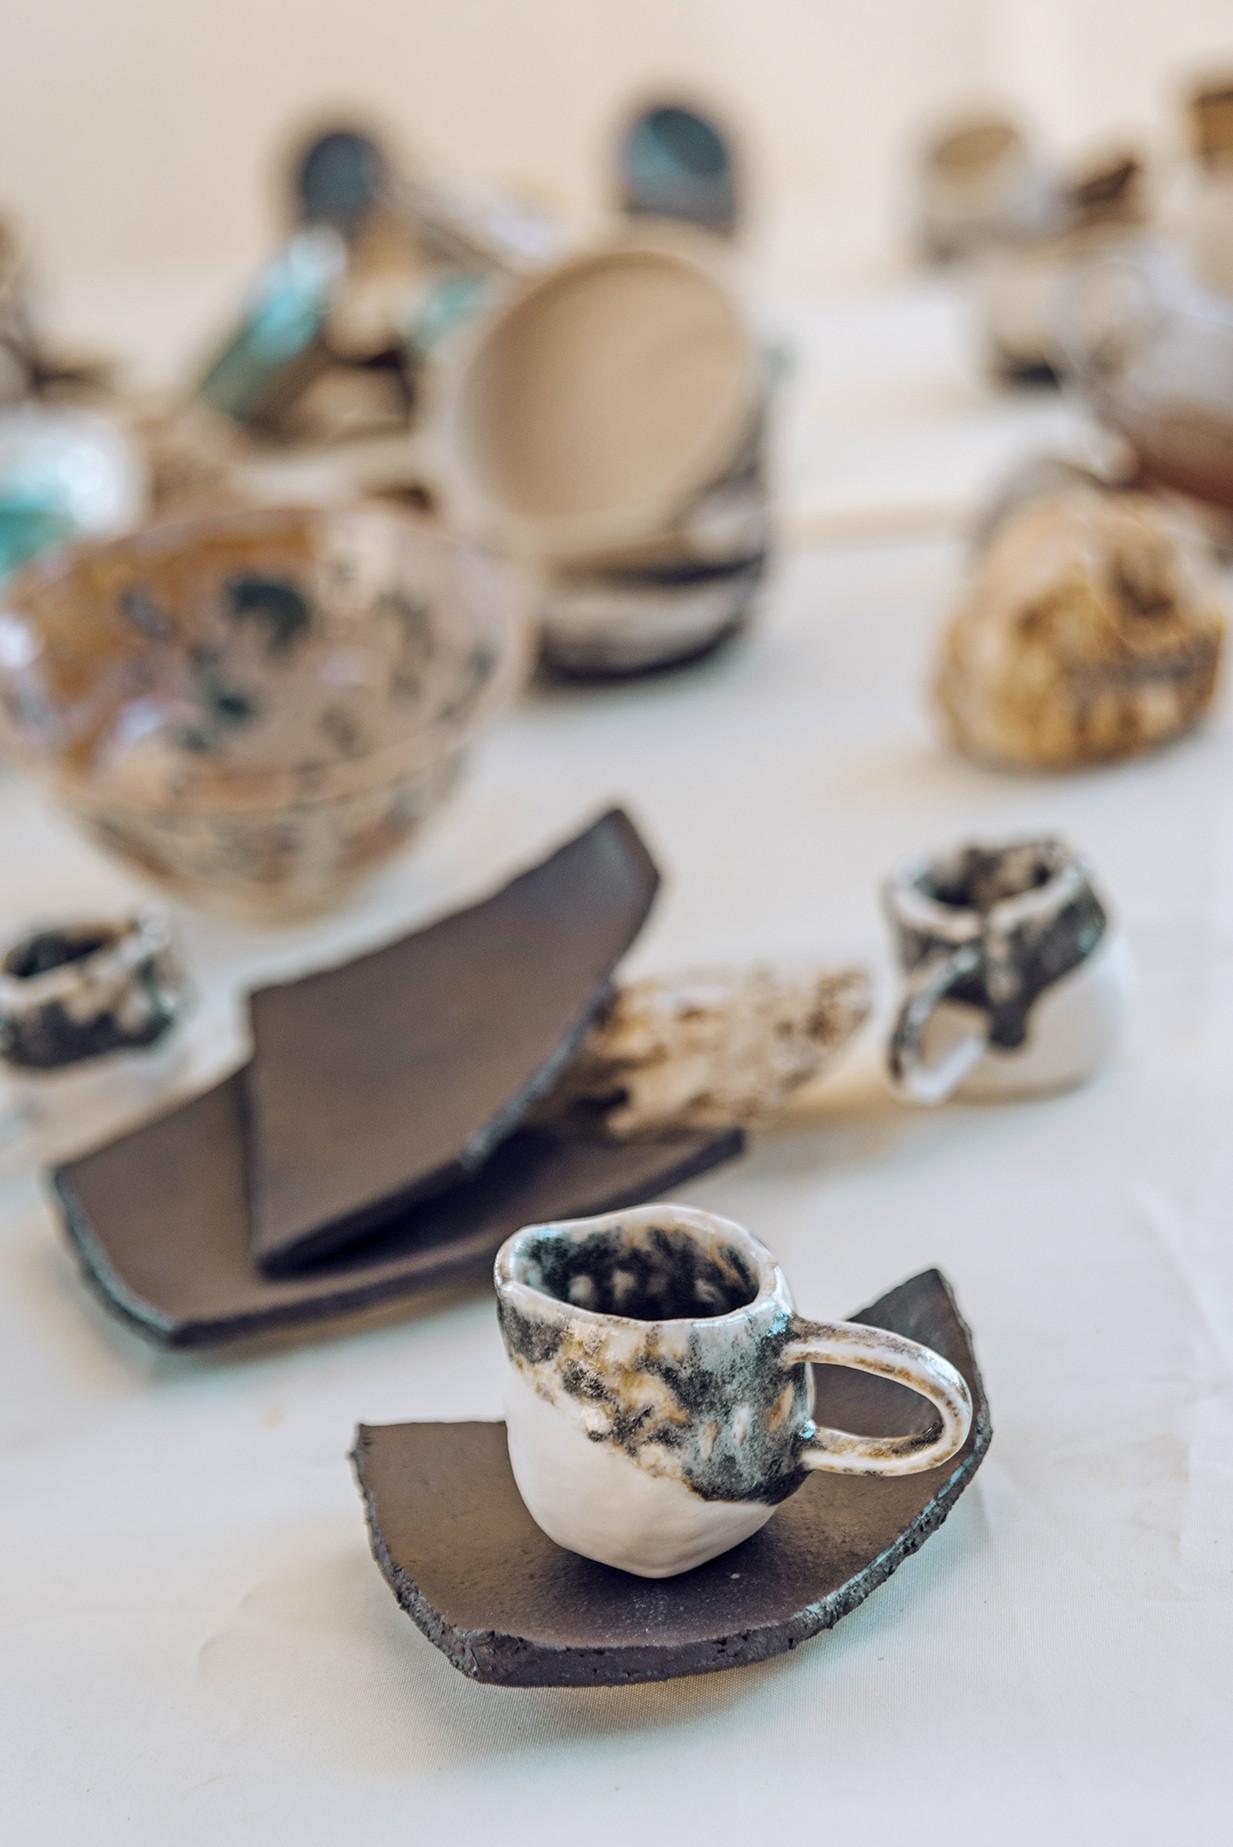 Ceramiche Toscane Montelupo Fiorentino cÈramica 2019. festa internazionale della ceramica - xxvii